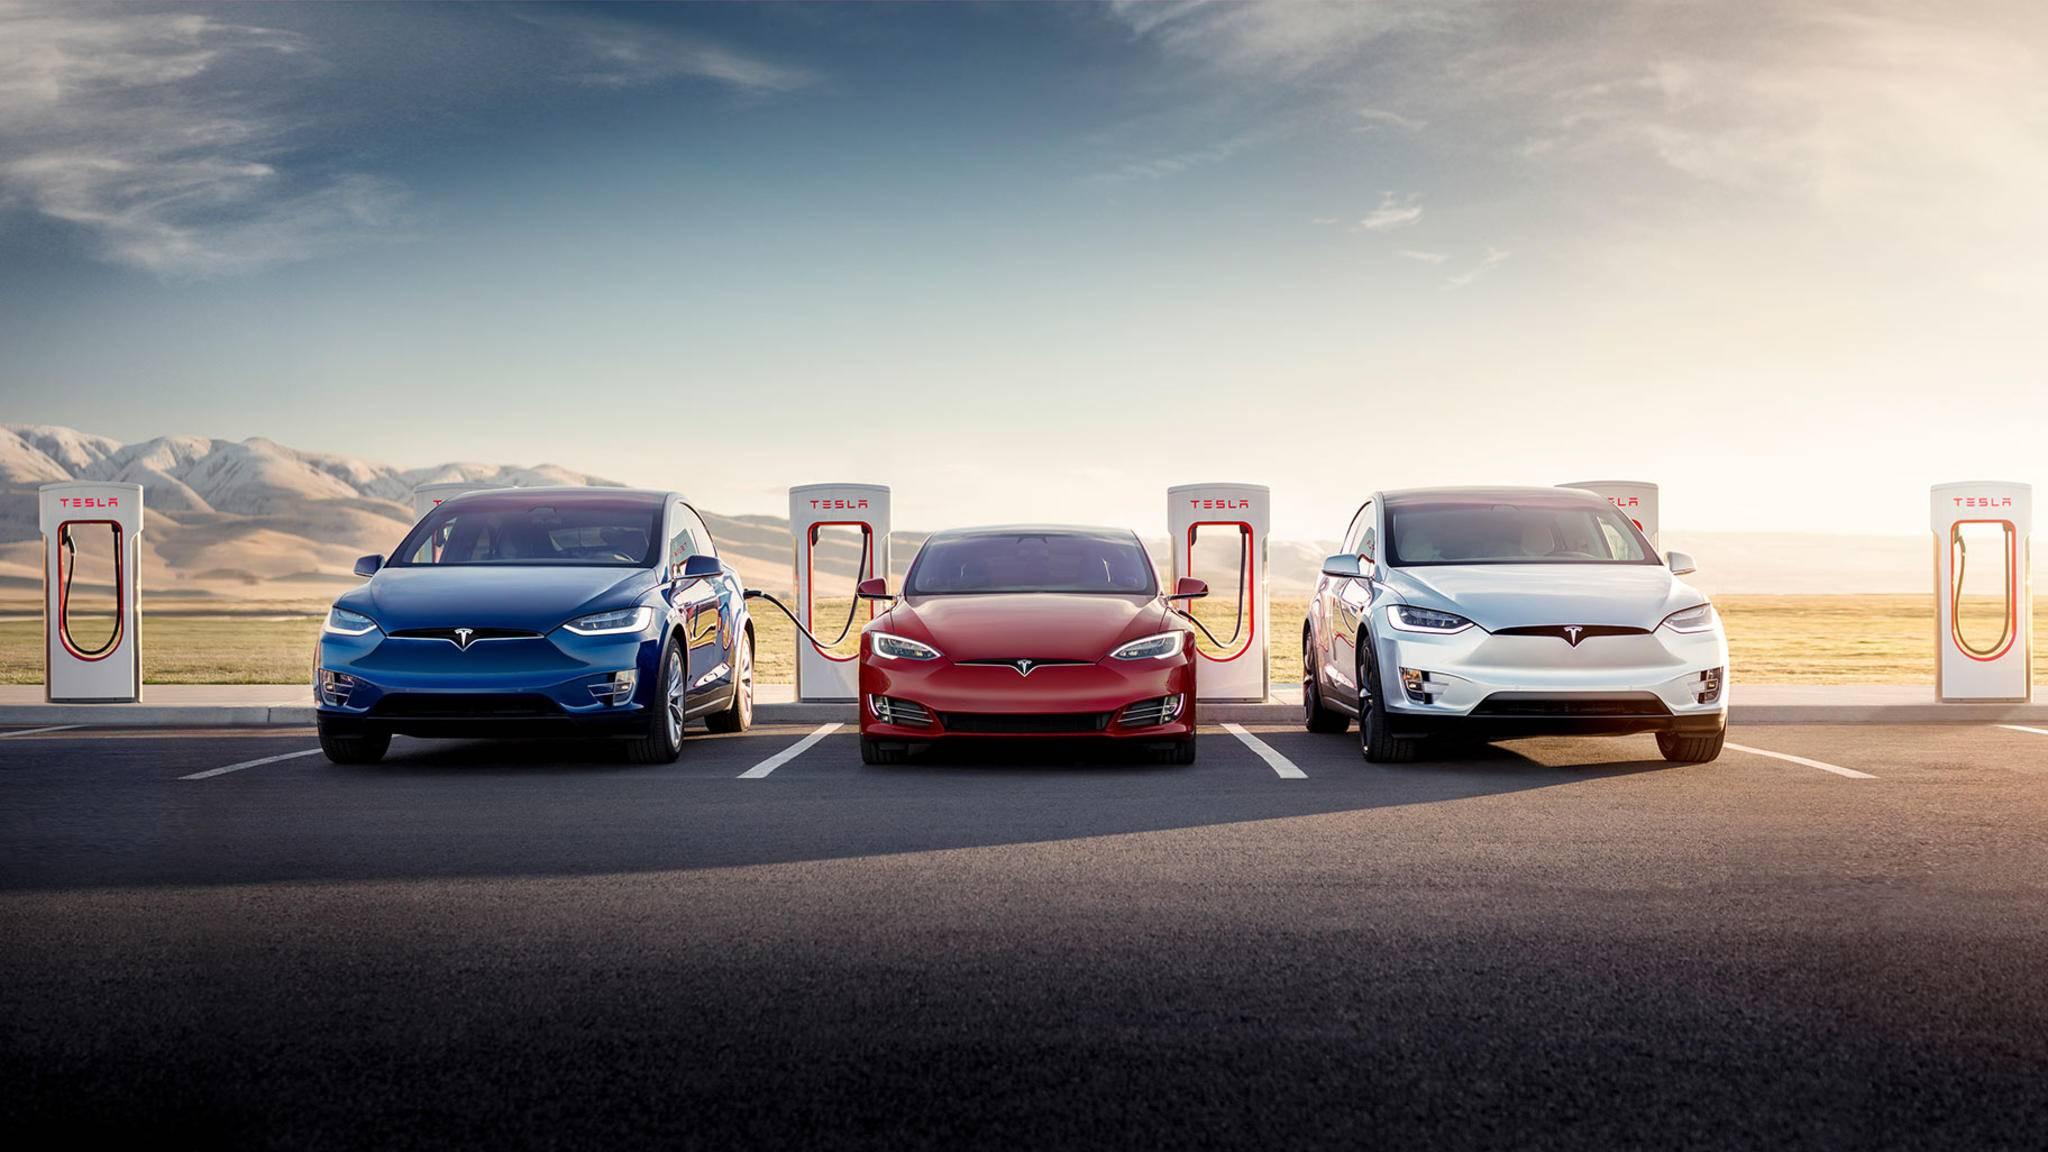 Autobauer Tesla kommt finanziell weiterhin auf keinen grünen Zweig.